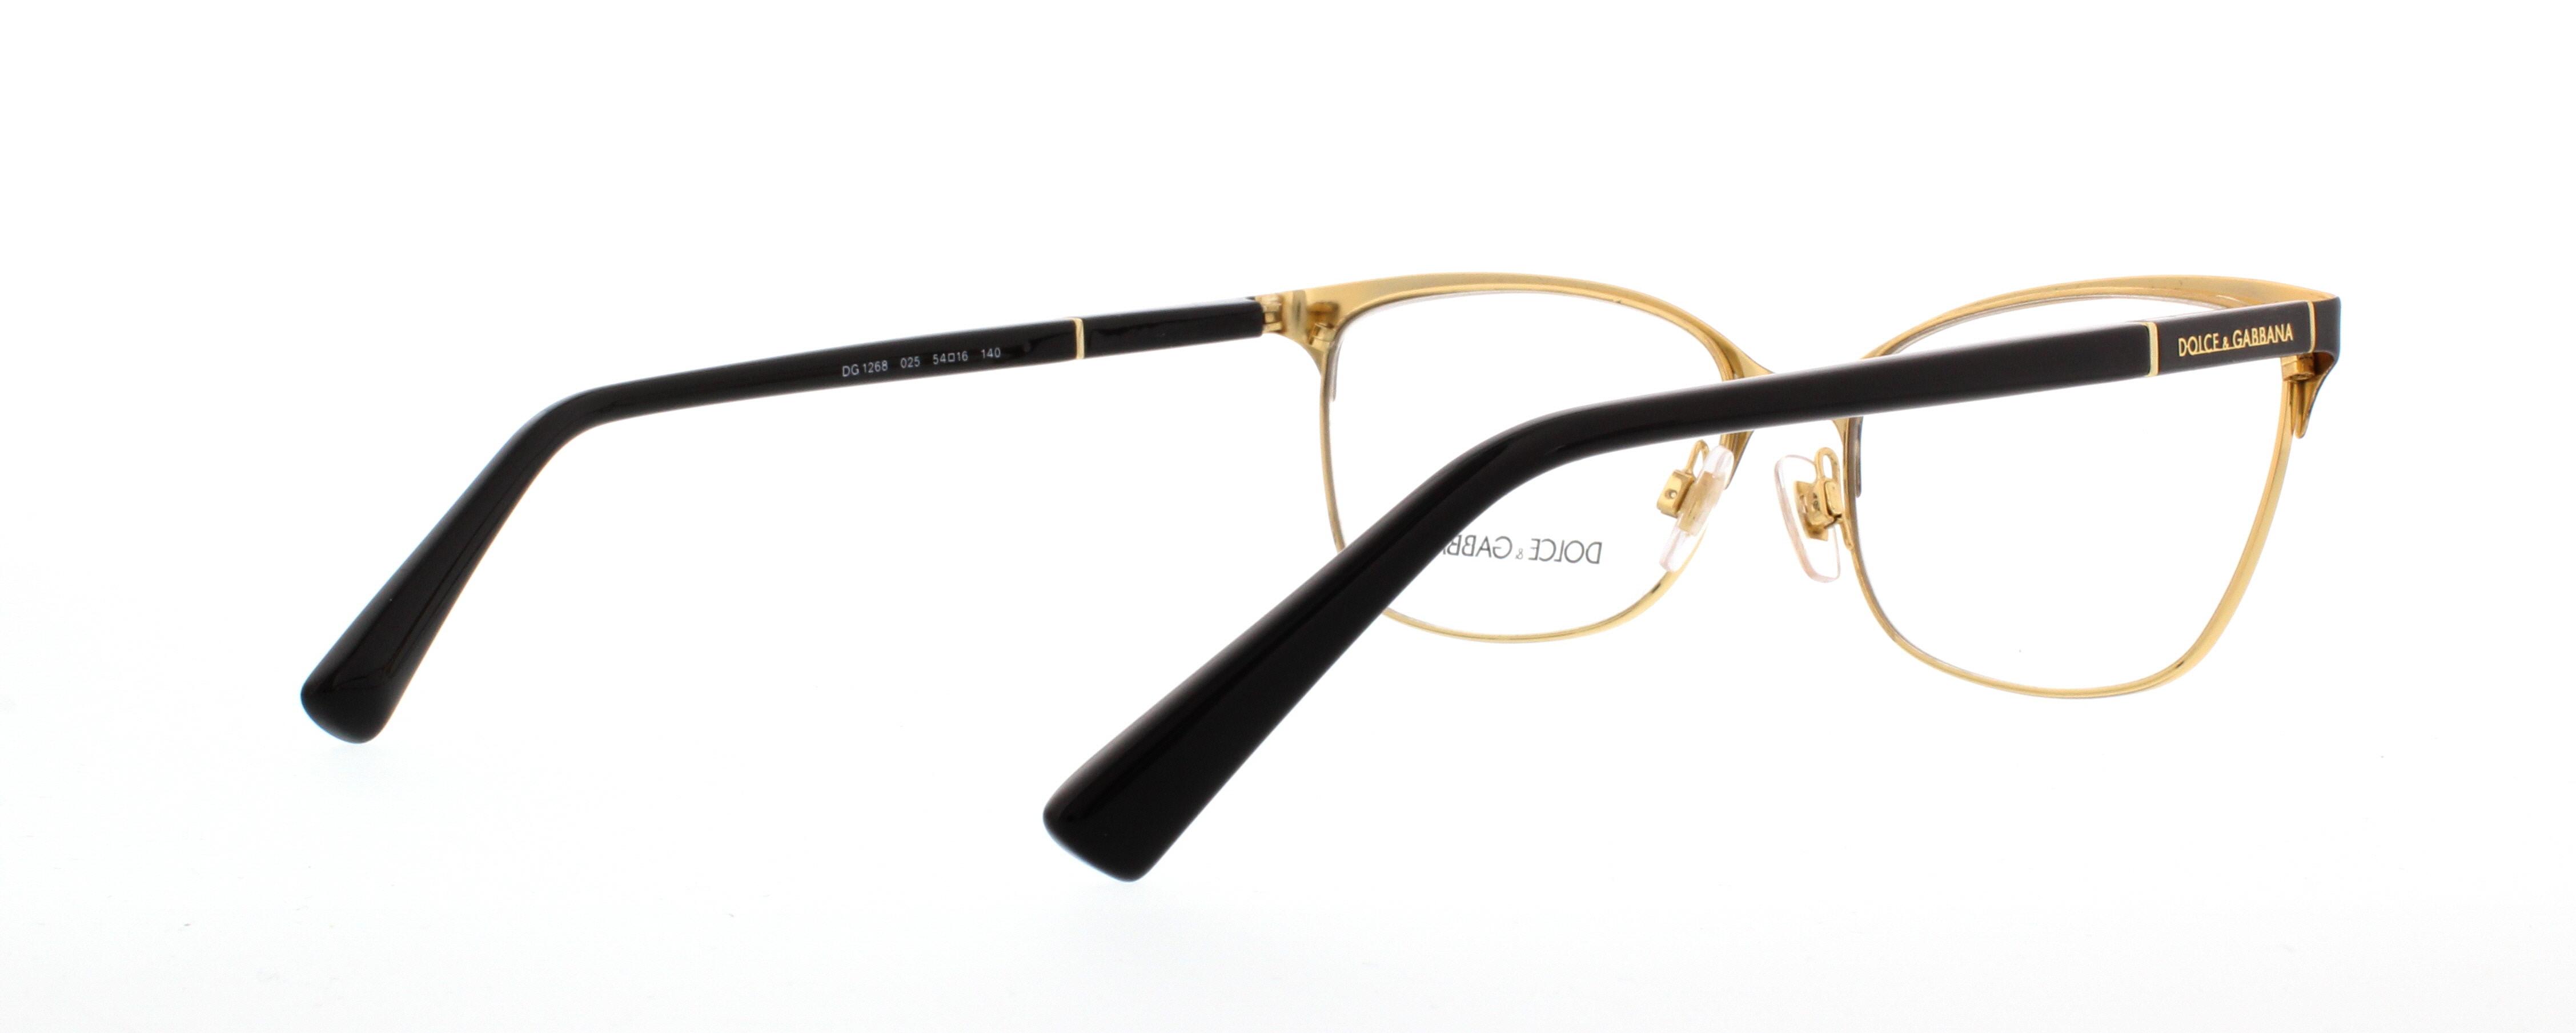 d577545cc2a7 Designer Frames Outlet. Dolce   Gabbana DG1268